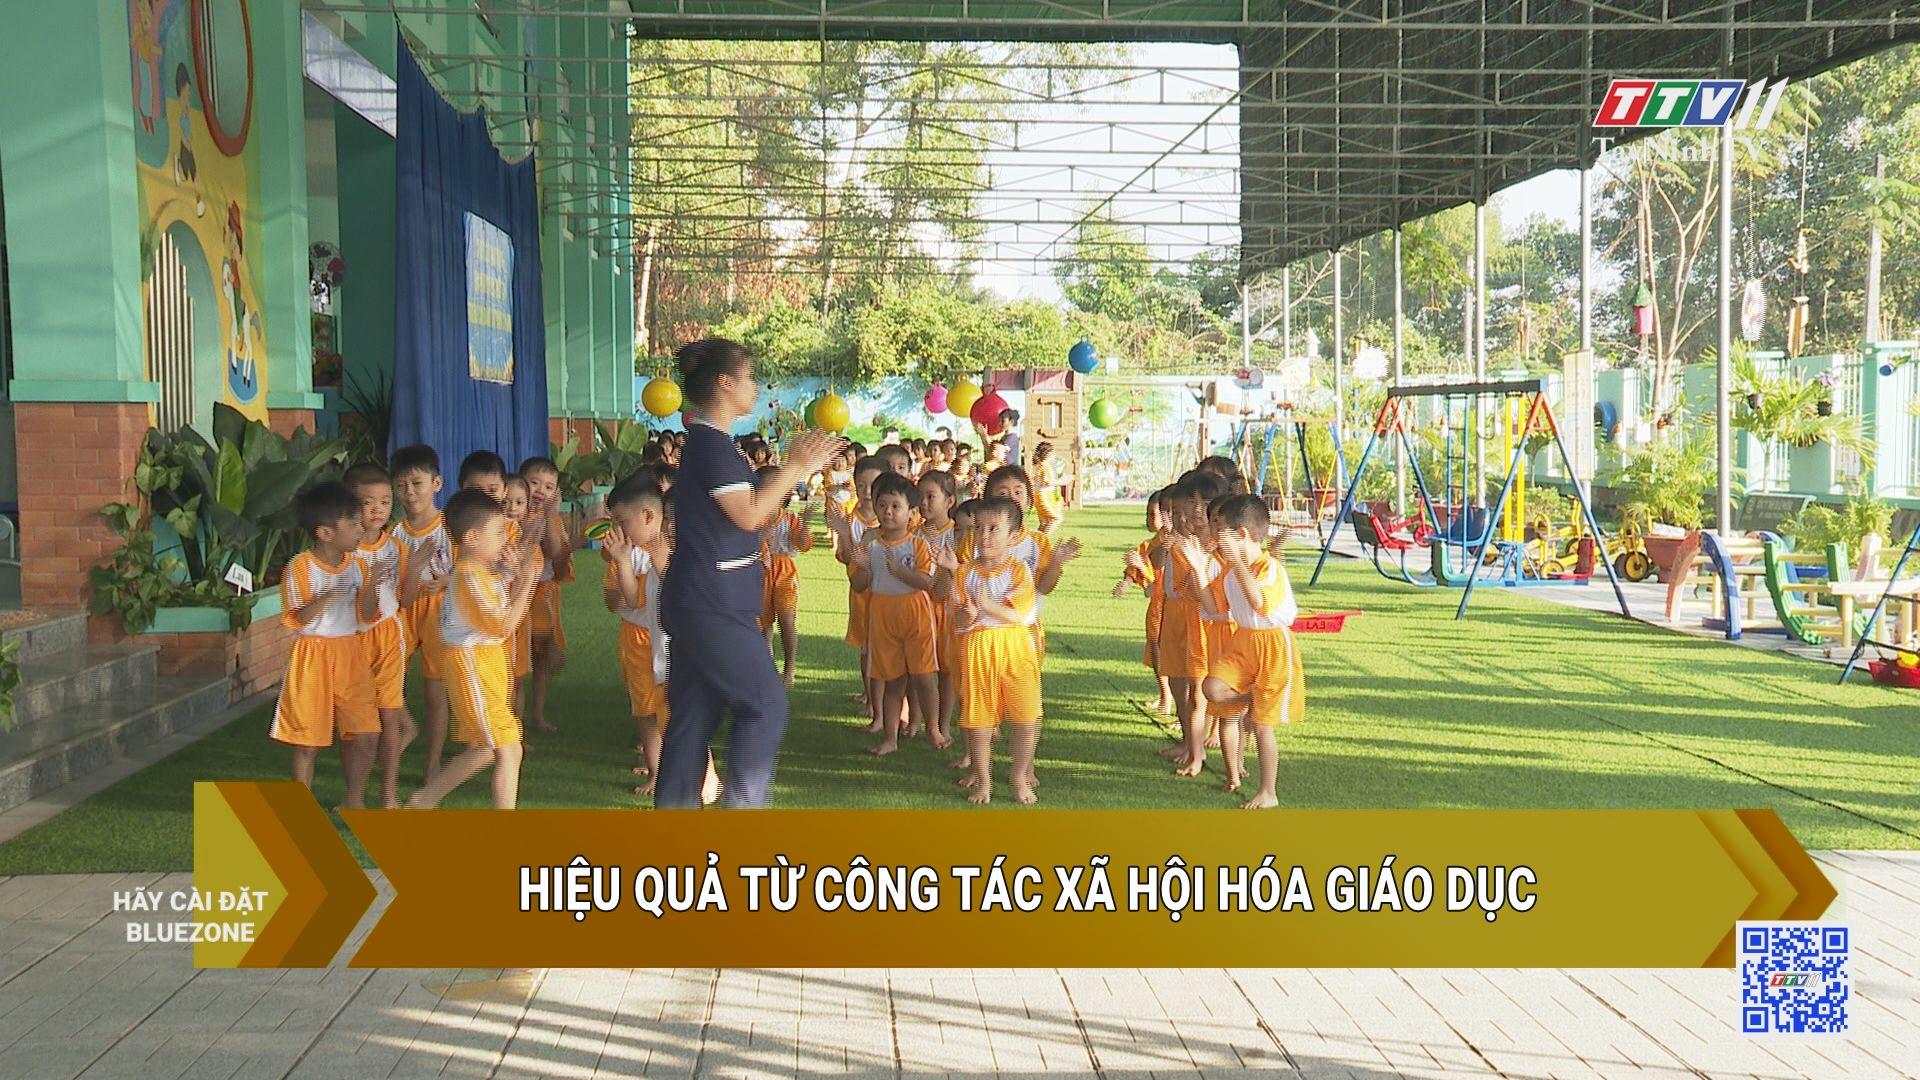 Hiệu quả từ công tác xã hội hóa giáo dục | GIÁO DỤC VÀ ĐÀO TẠO | TayNinhTV